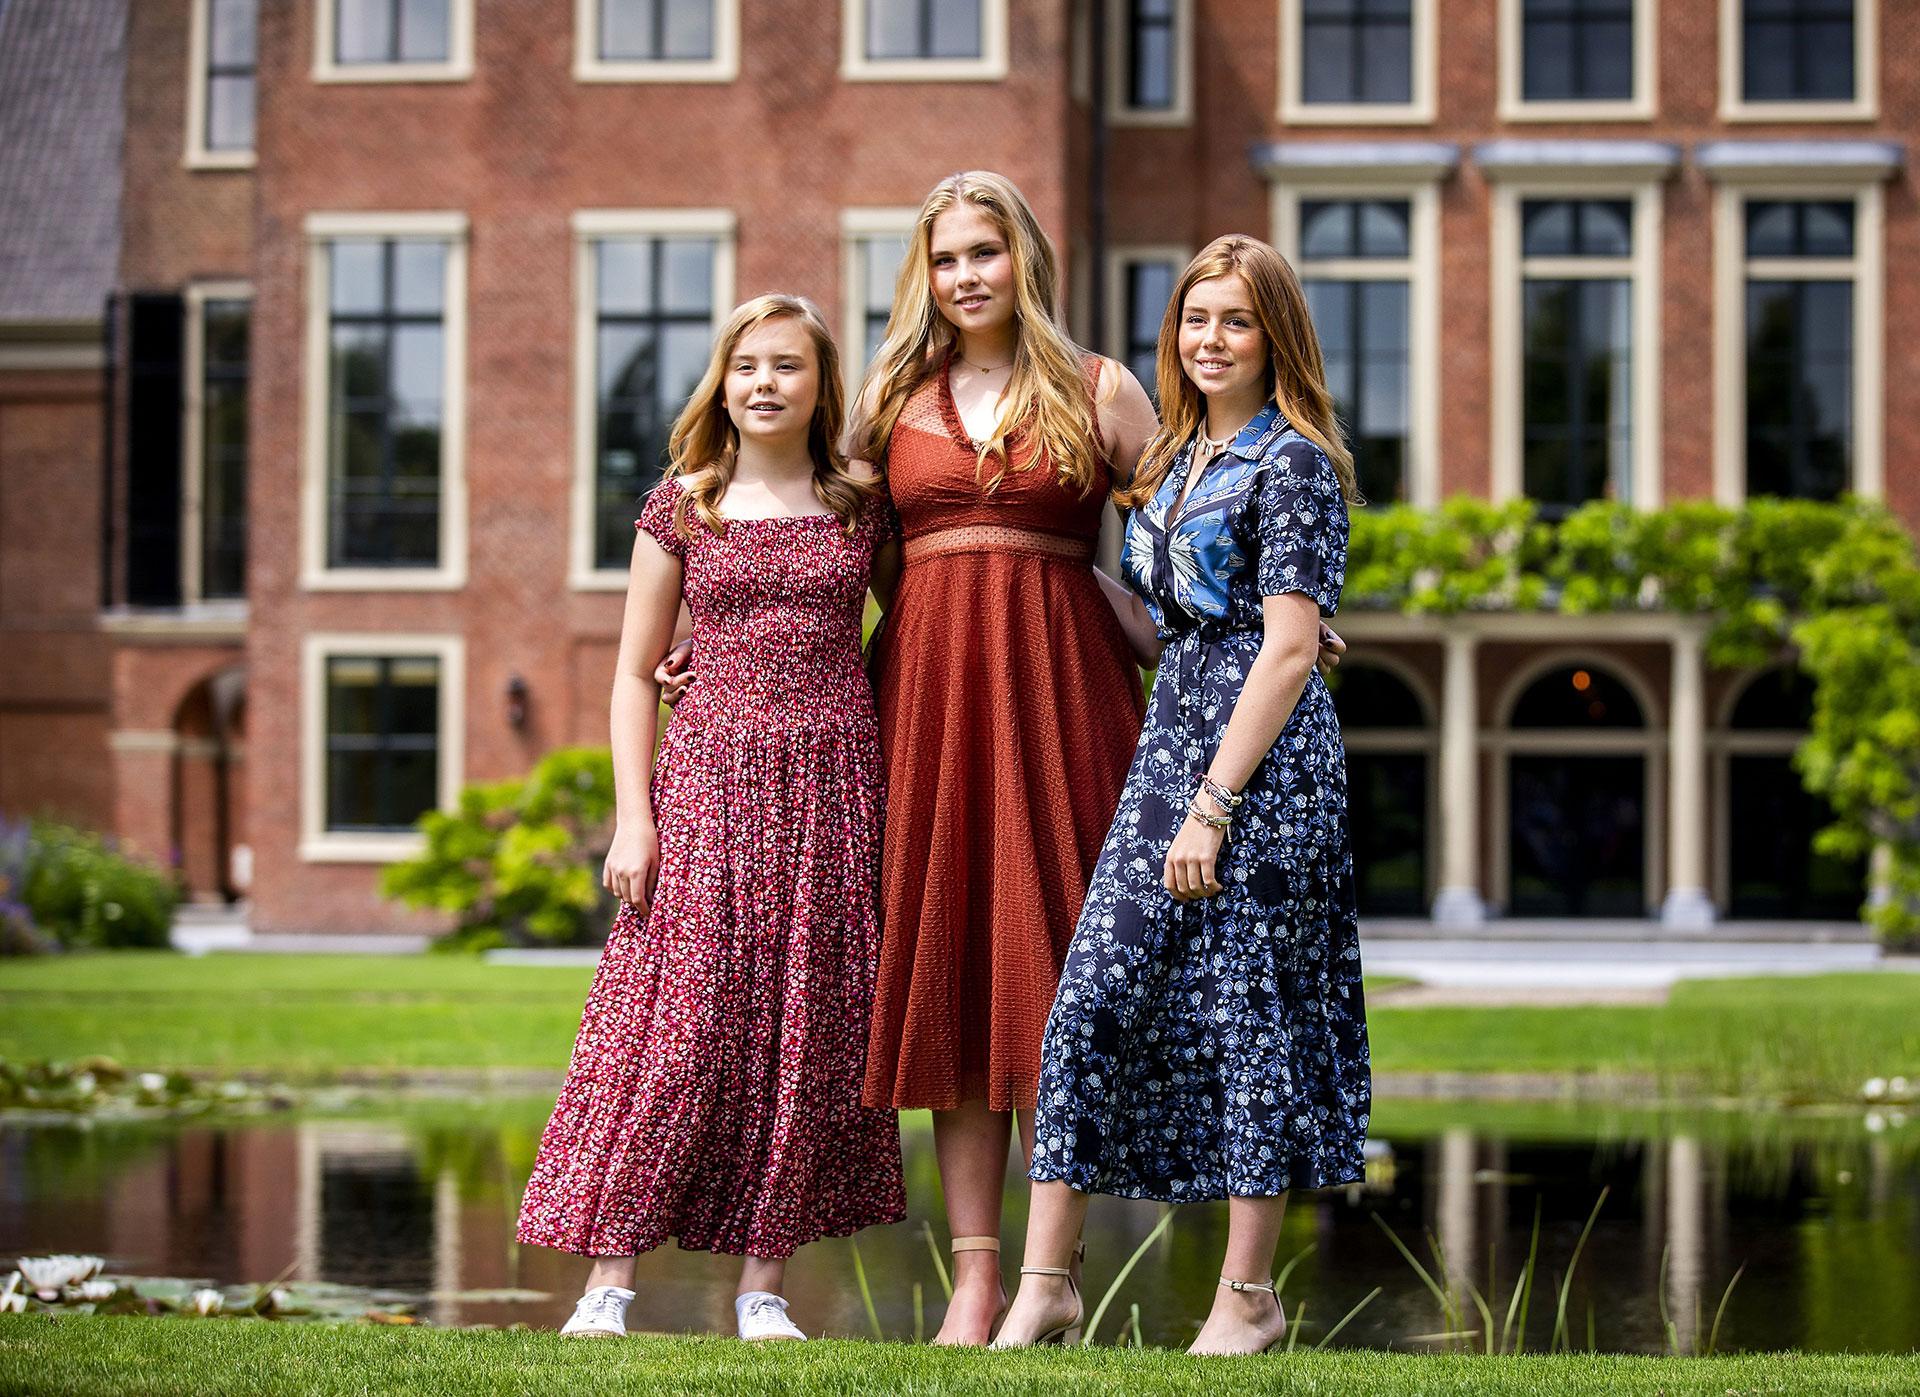 Las princesas de Holanda, Ariane, Amelia y Alexia. Las tres optaron para la sesión de fotos llevar vestidos de corte midi de la firma Sandro